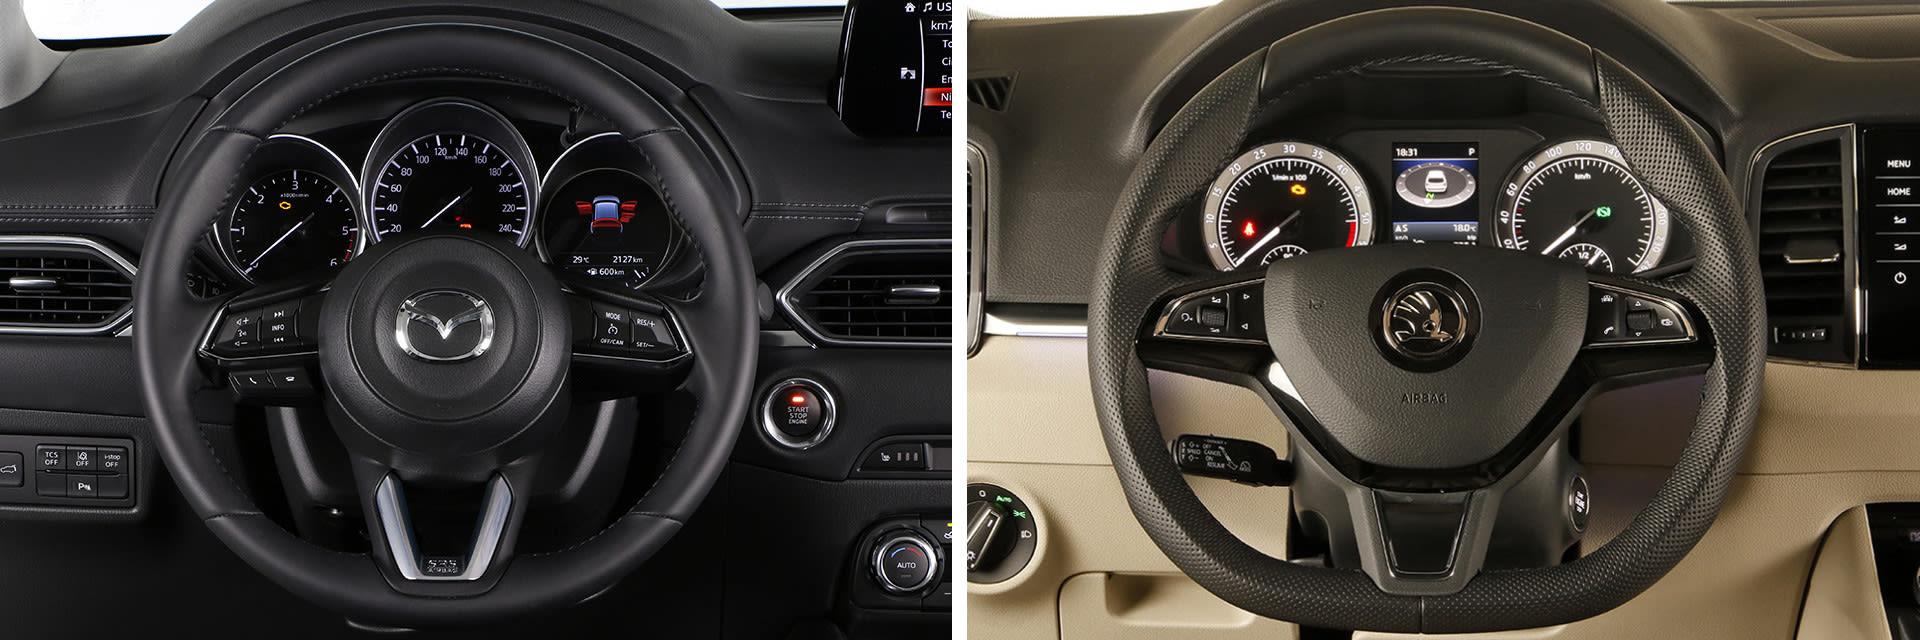 En ambos modelos es fácil encontrar una buena postura de conducción gracias a la gran cantidad de ajustes que tienen tanto el volante como el asiento.